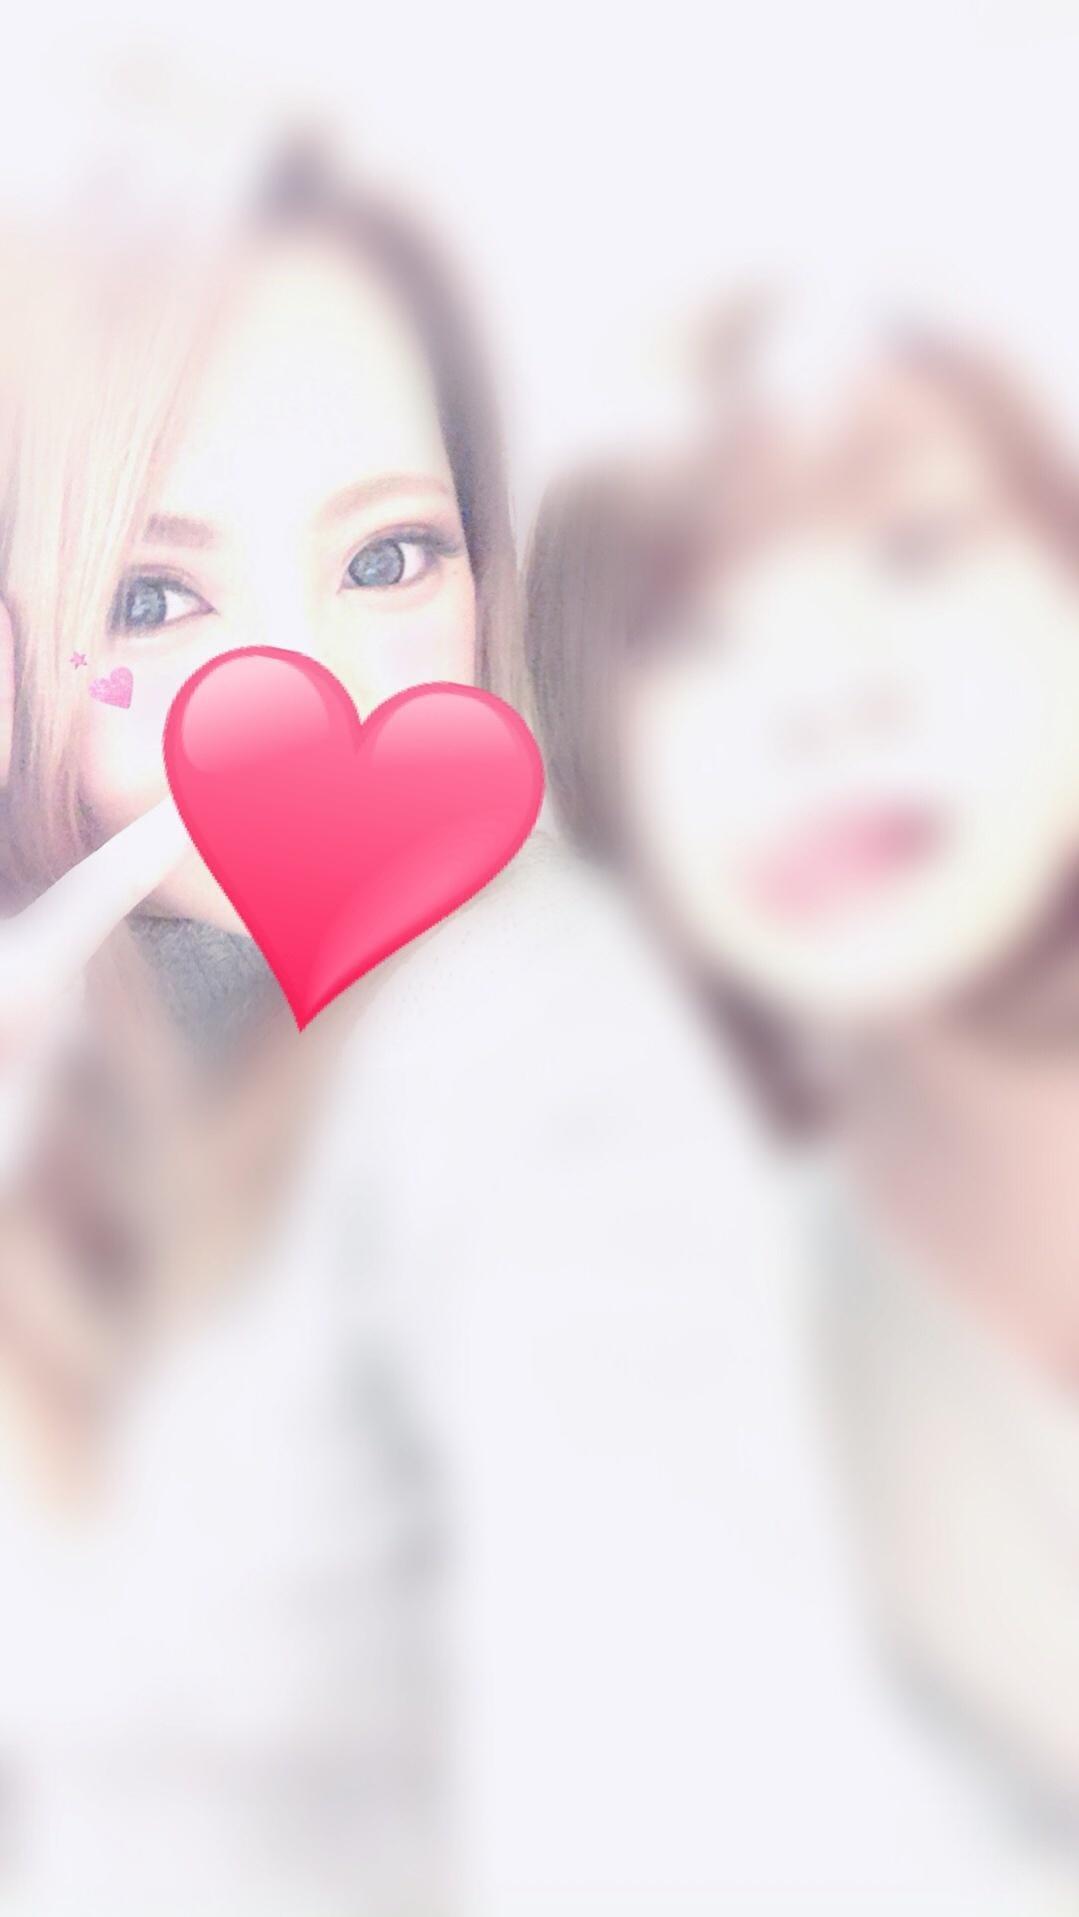 「レアです。」01/18(金) 03:03 | レアの写メ・風俗動画